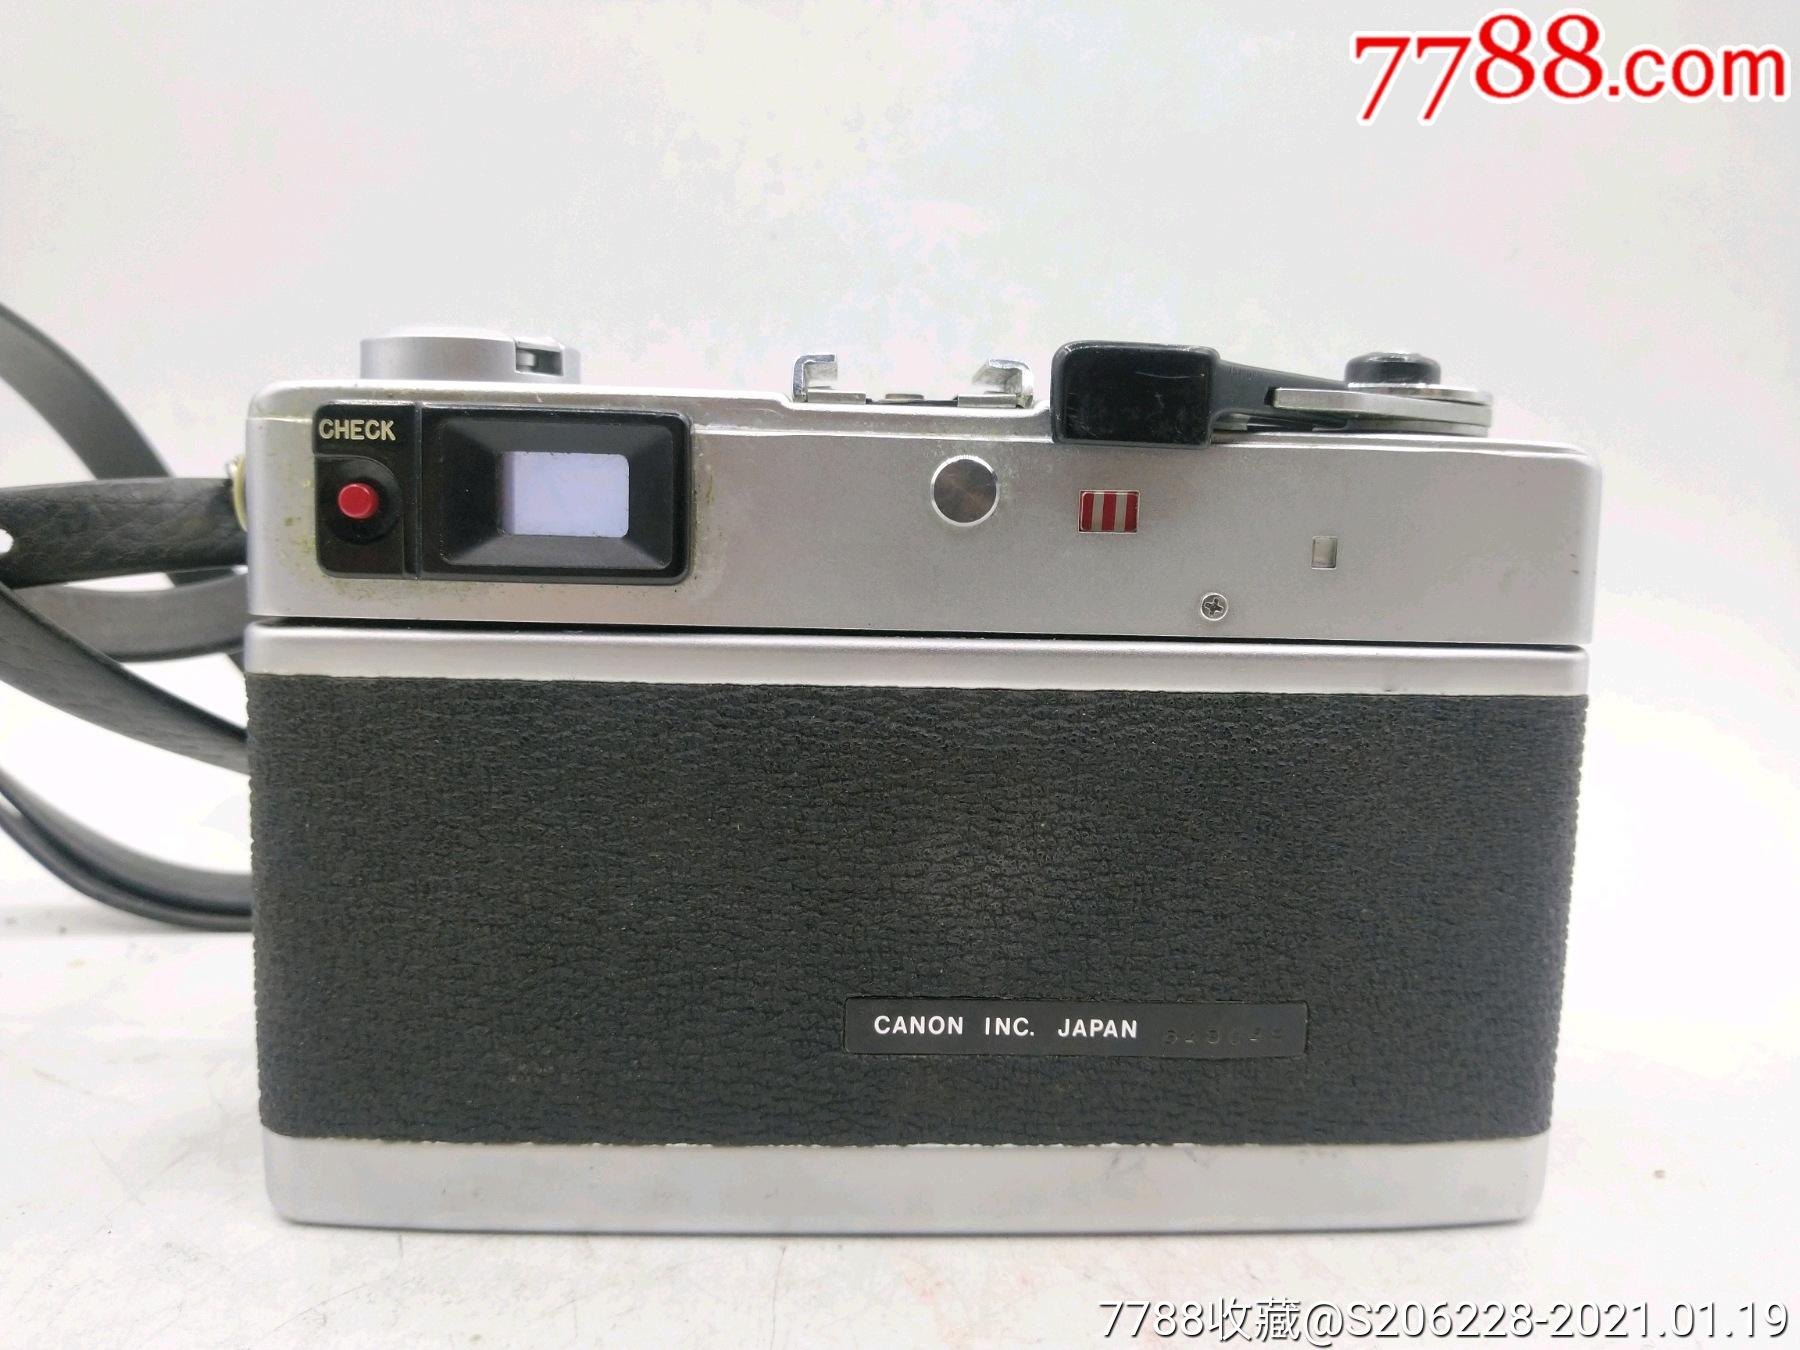 229★Canon_Canonet-QL17旁軸相機/機身編號:643049_價格260元_第5張_